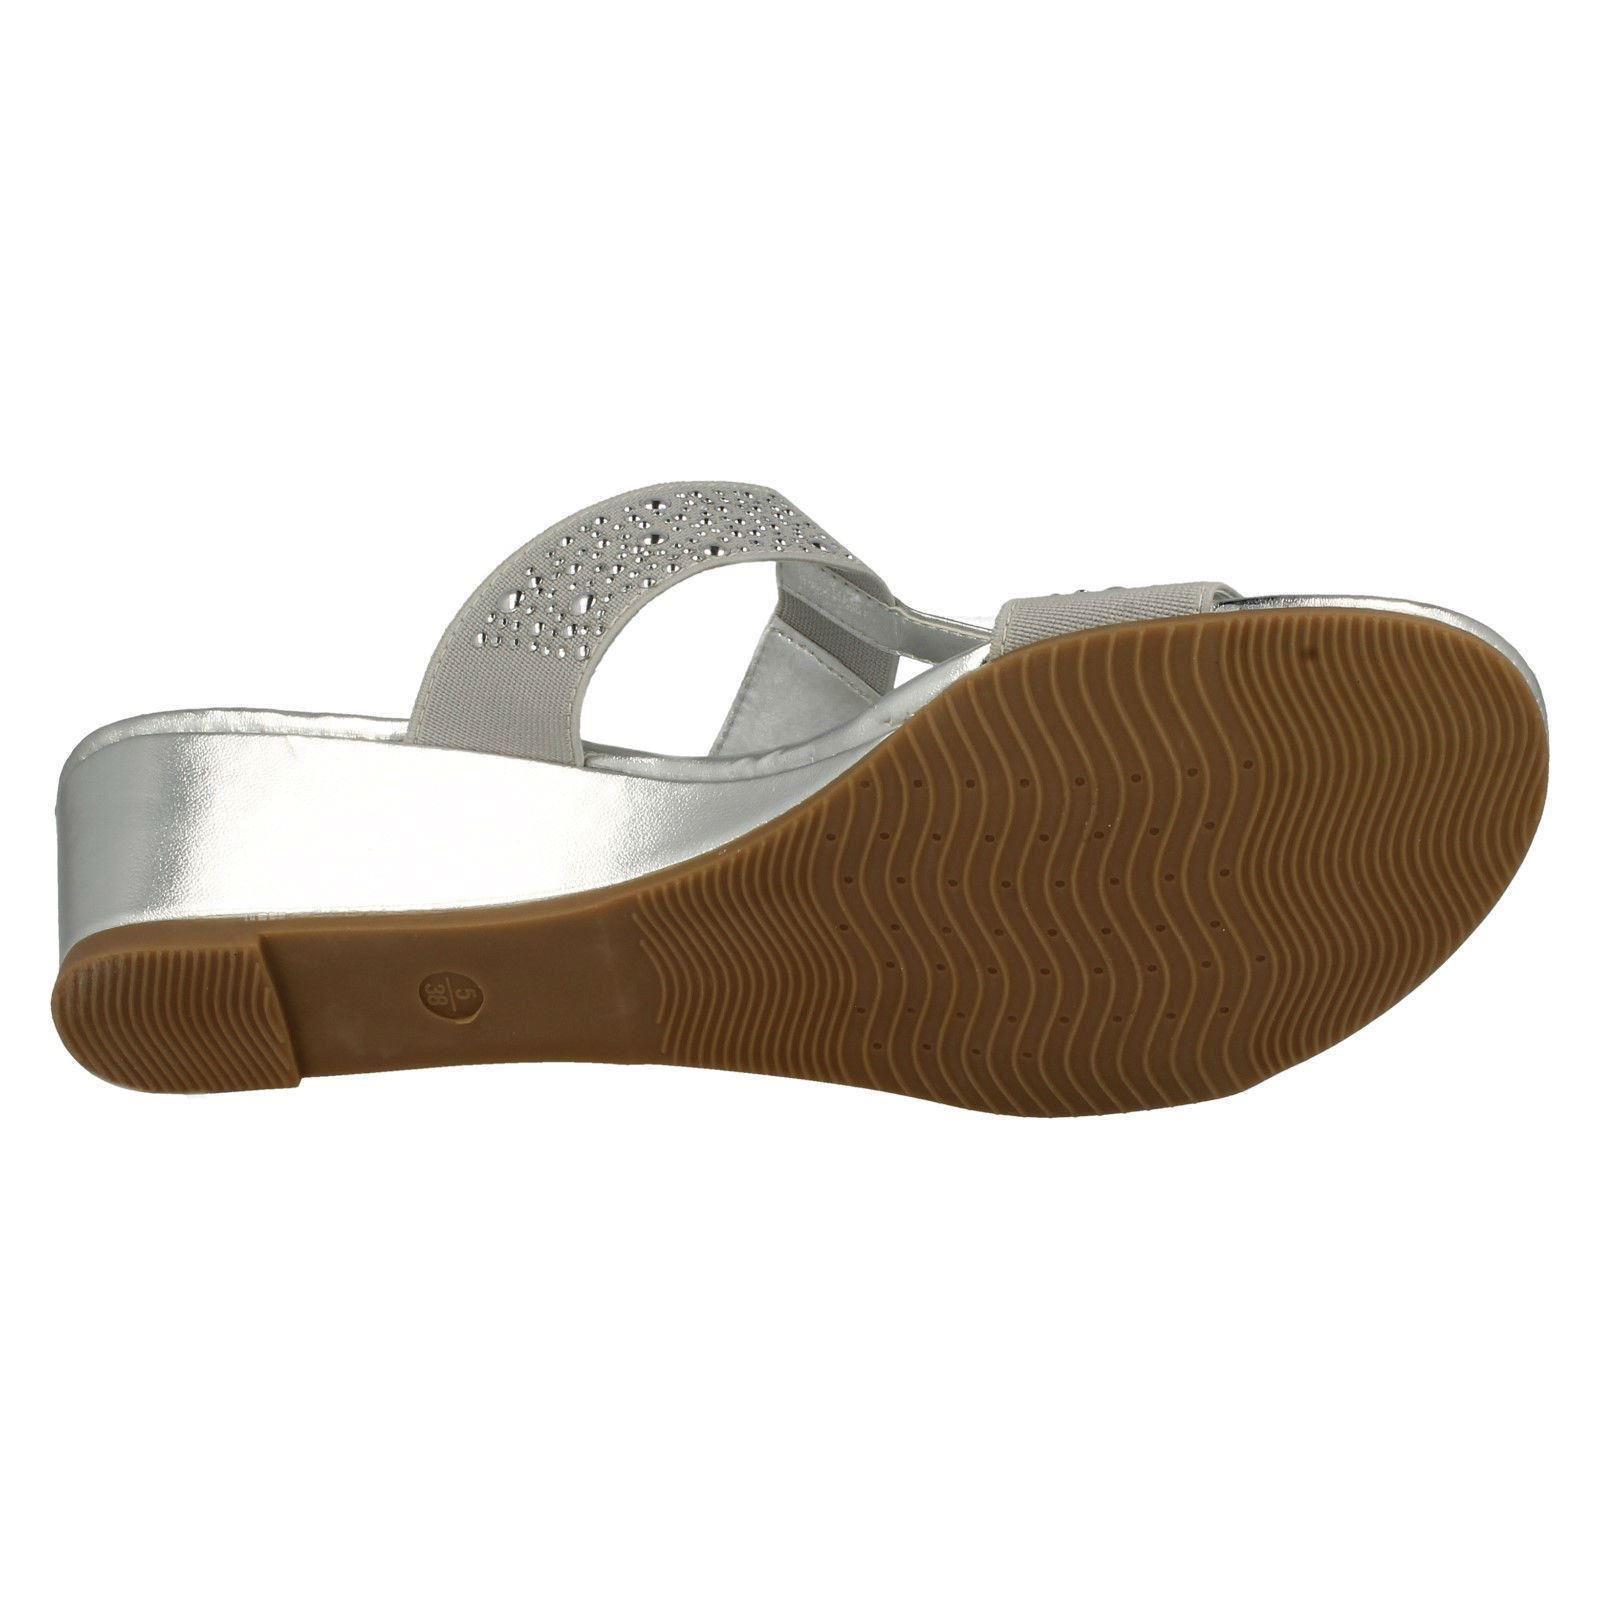 Ladies Savannah Casual Heeled Mule Sandals